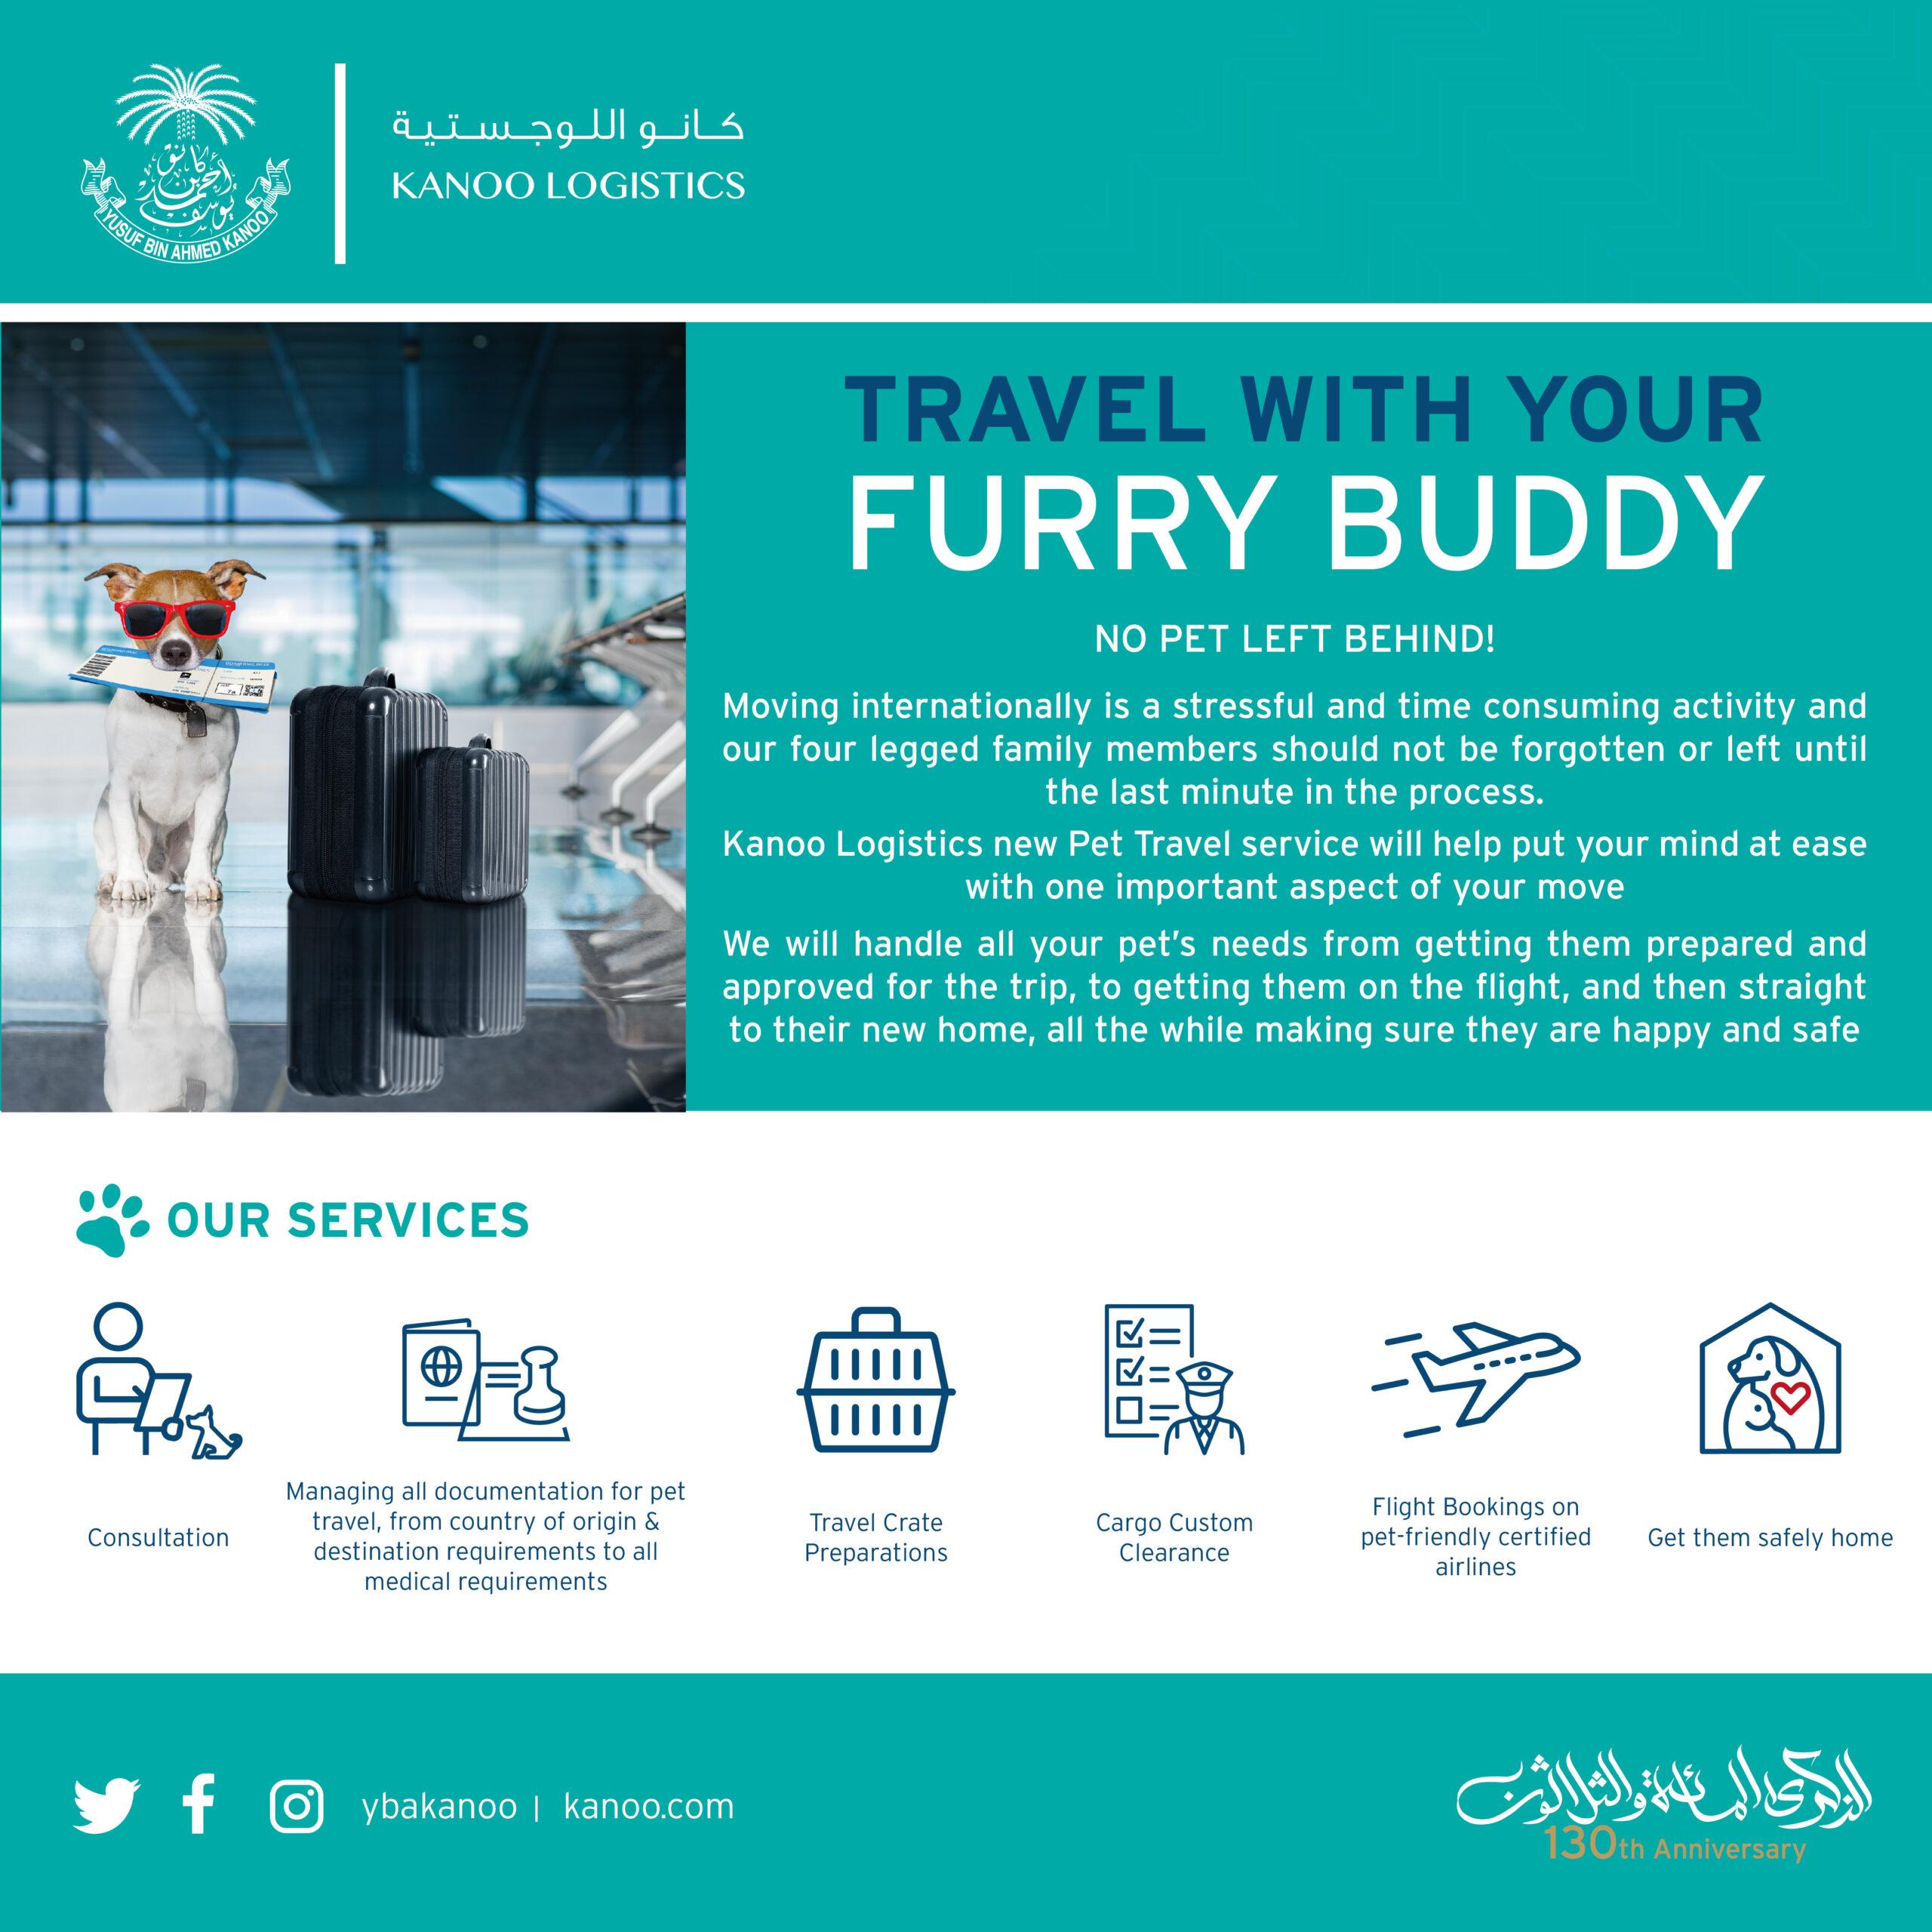 كانو اللوجستية تطلق خدمة السفر للحيوانات الأليفة في مملكة البحرين